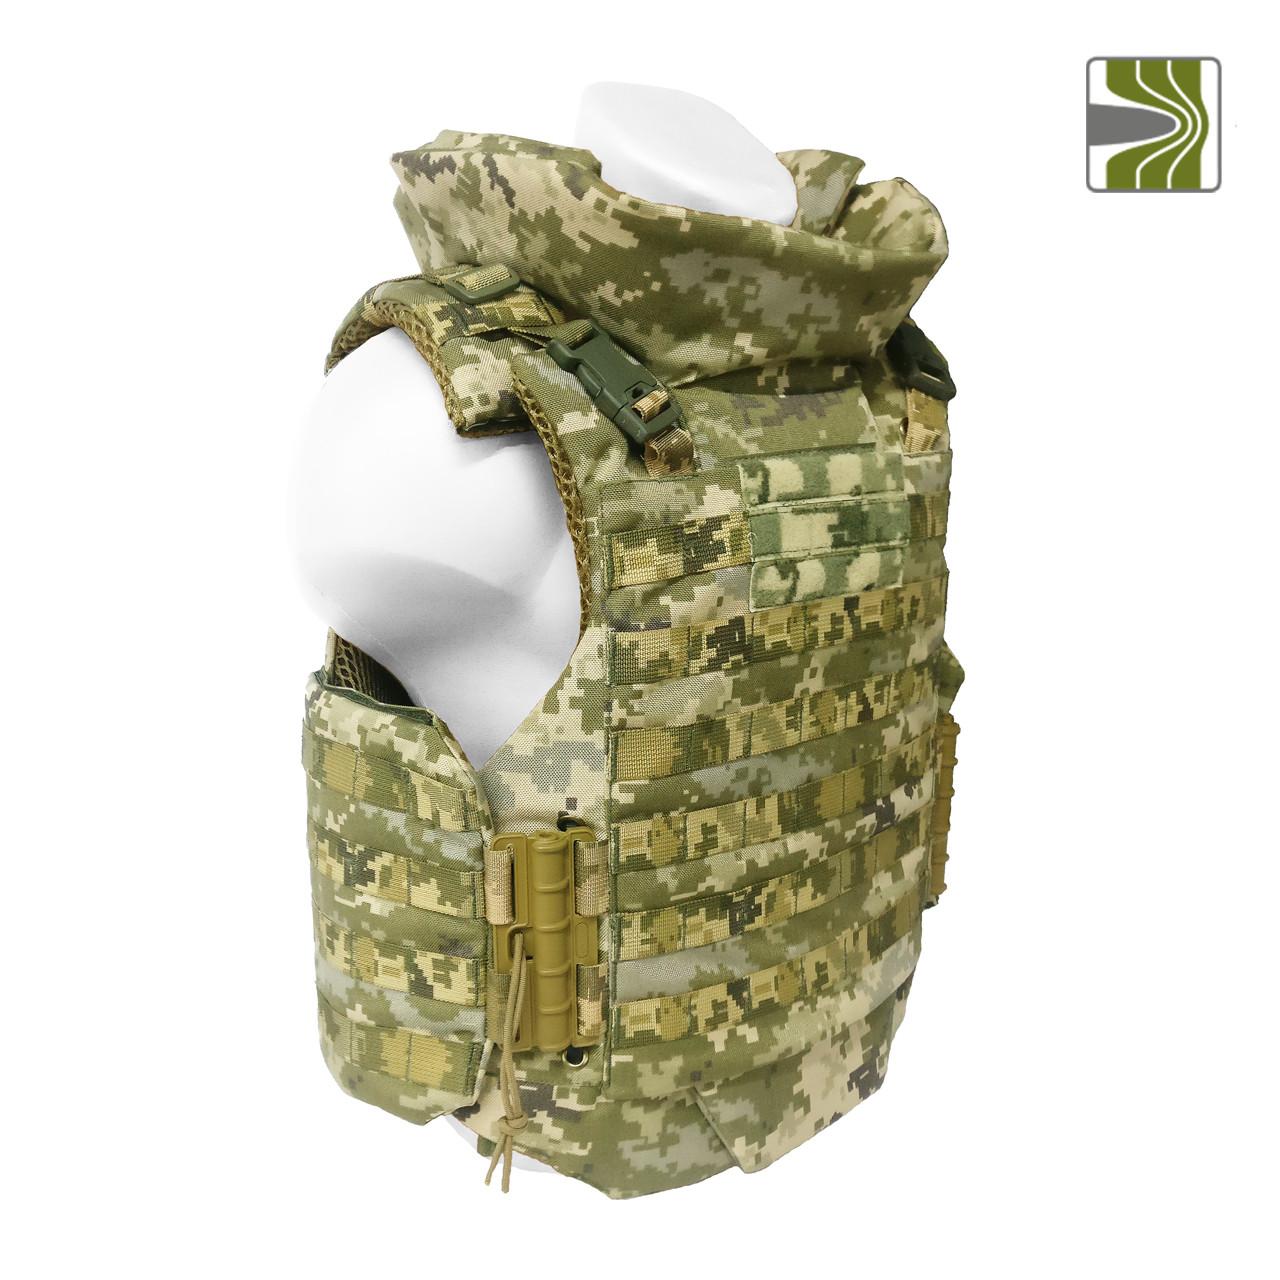 """Полегшений бронежилет """"Сармат"""" з  балістичним протиуламковим пакетом (м'якою бронею) 1а класу захисту."""